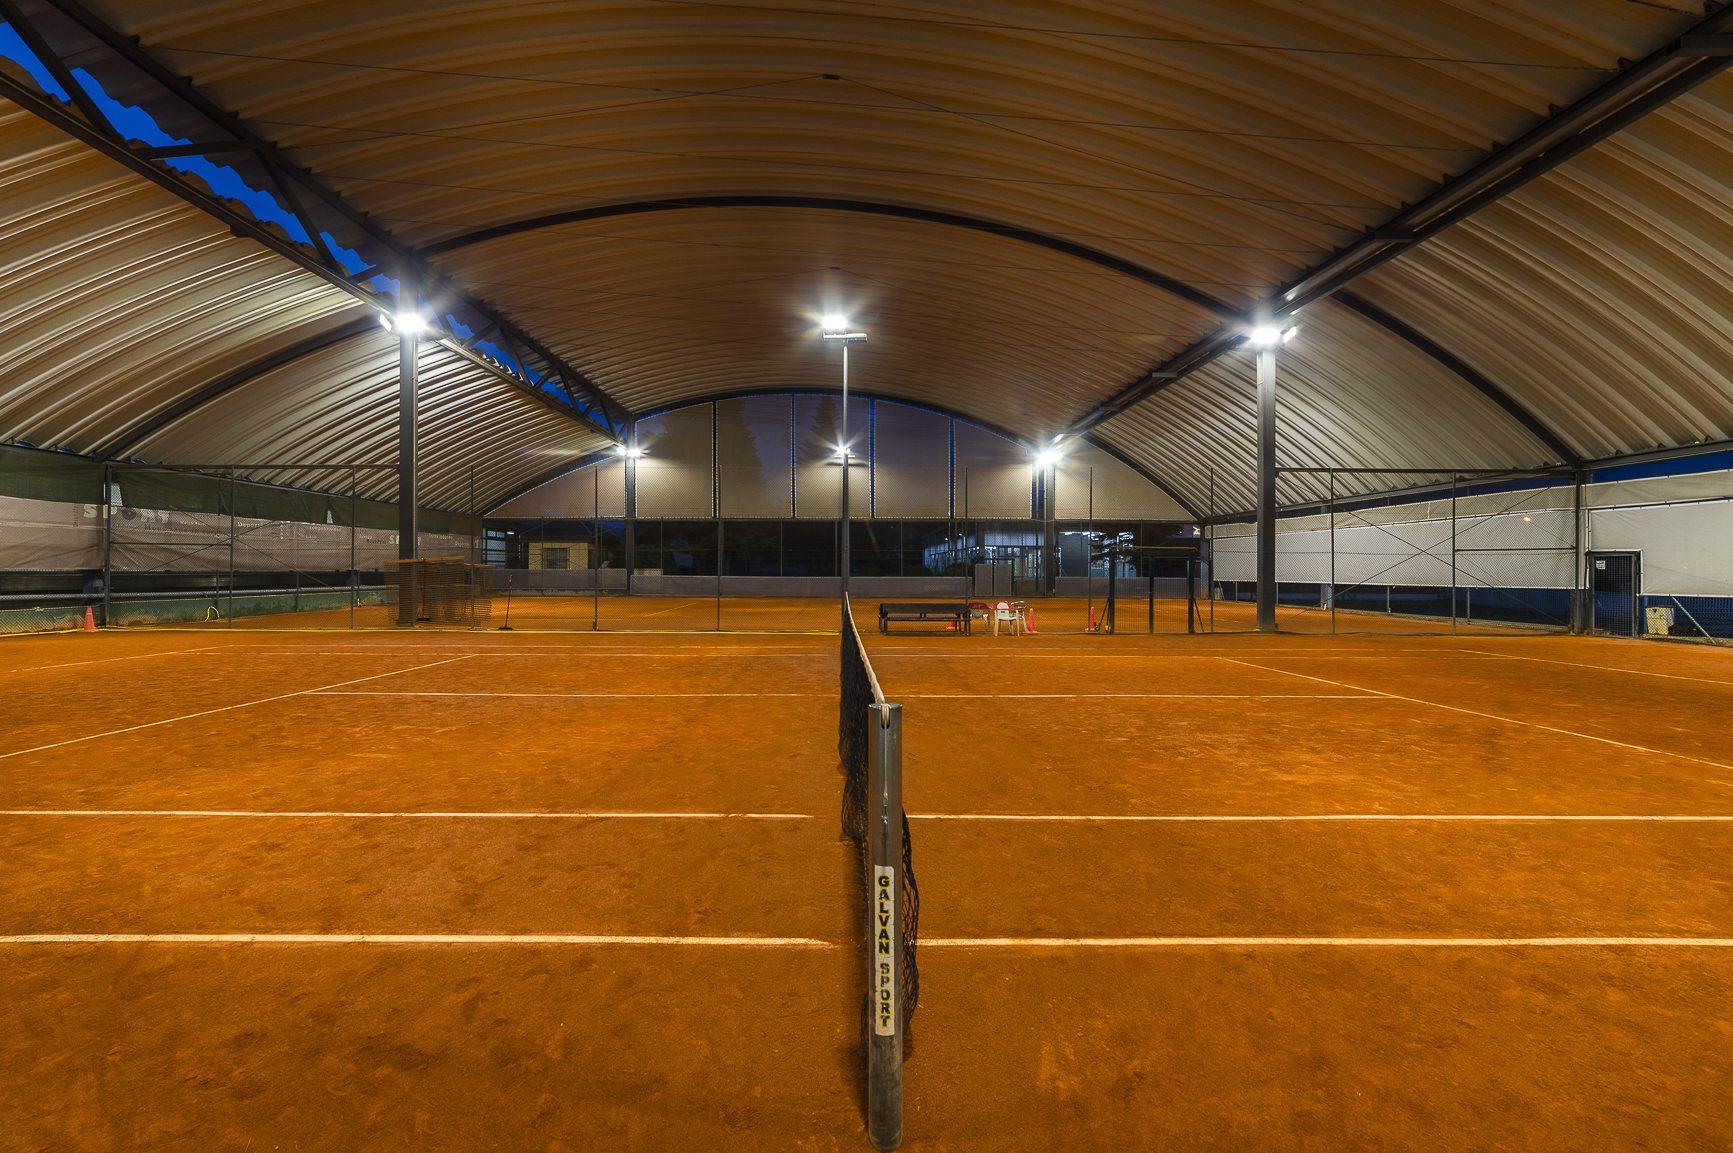 01Schreder_pista_de_tenid_indoor_Polideportivo_Municipal_Torrelodones_Madrid3